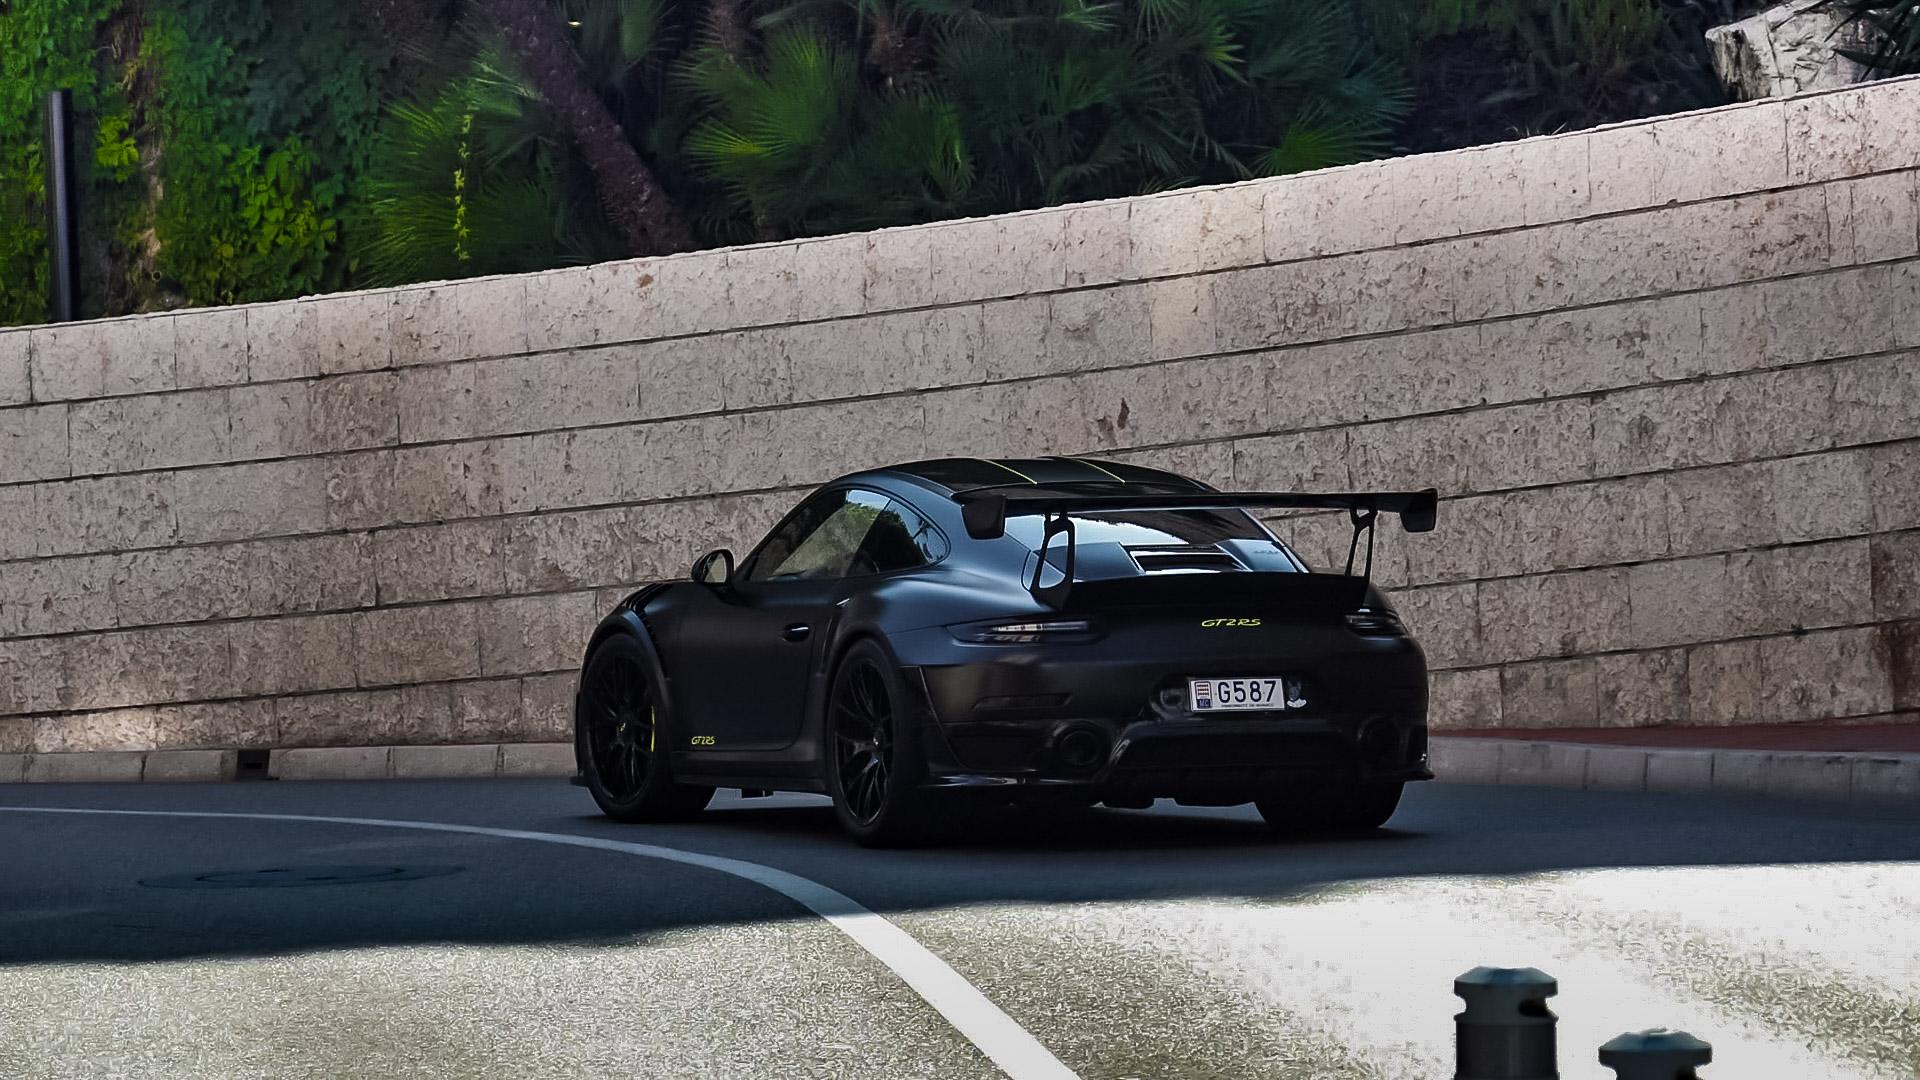 Porsche GT2 RS - G587 (MC)